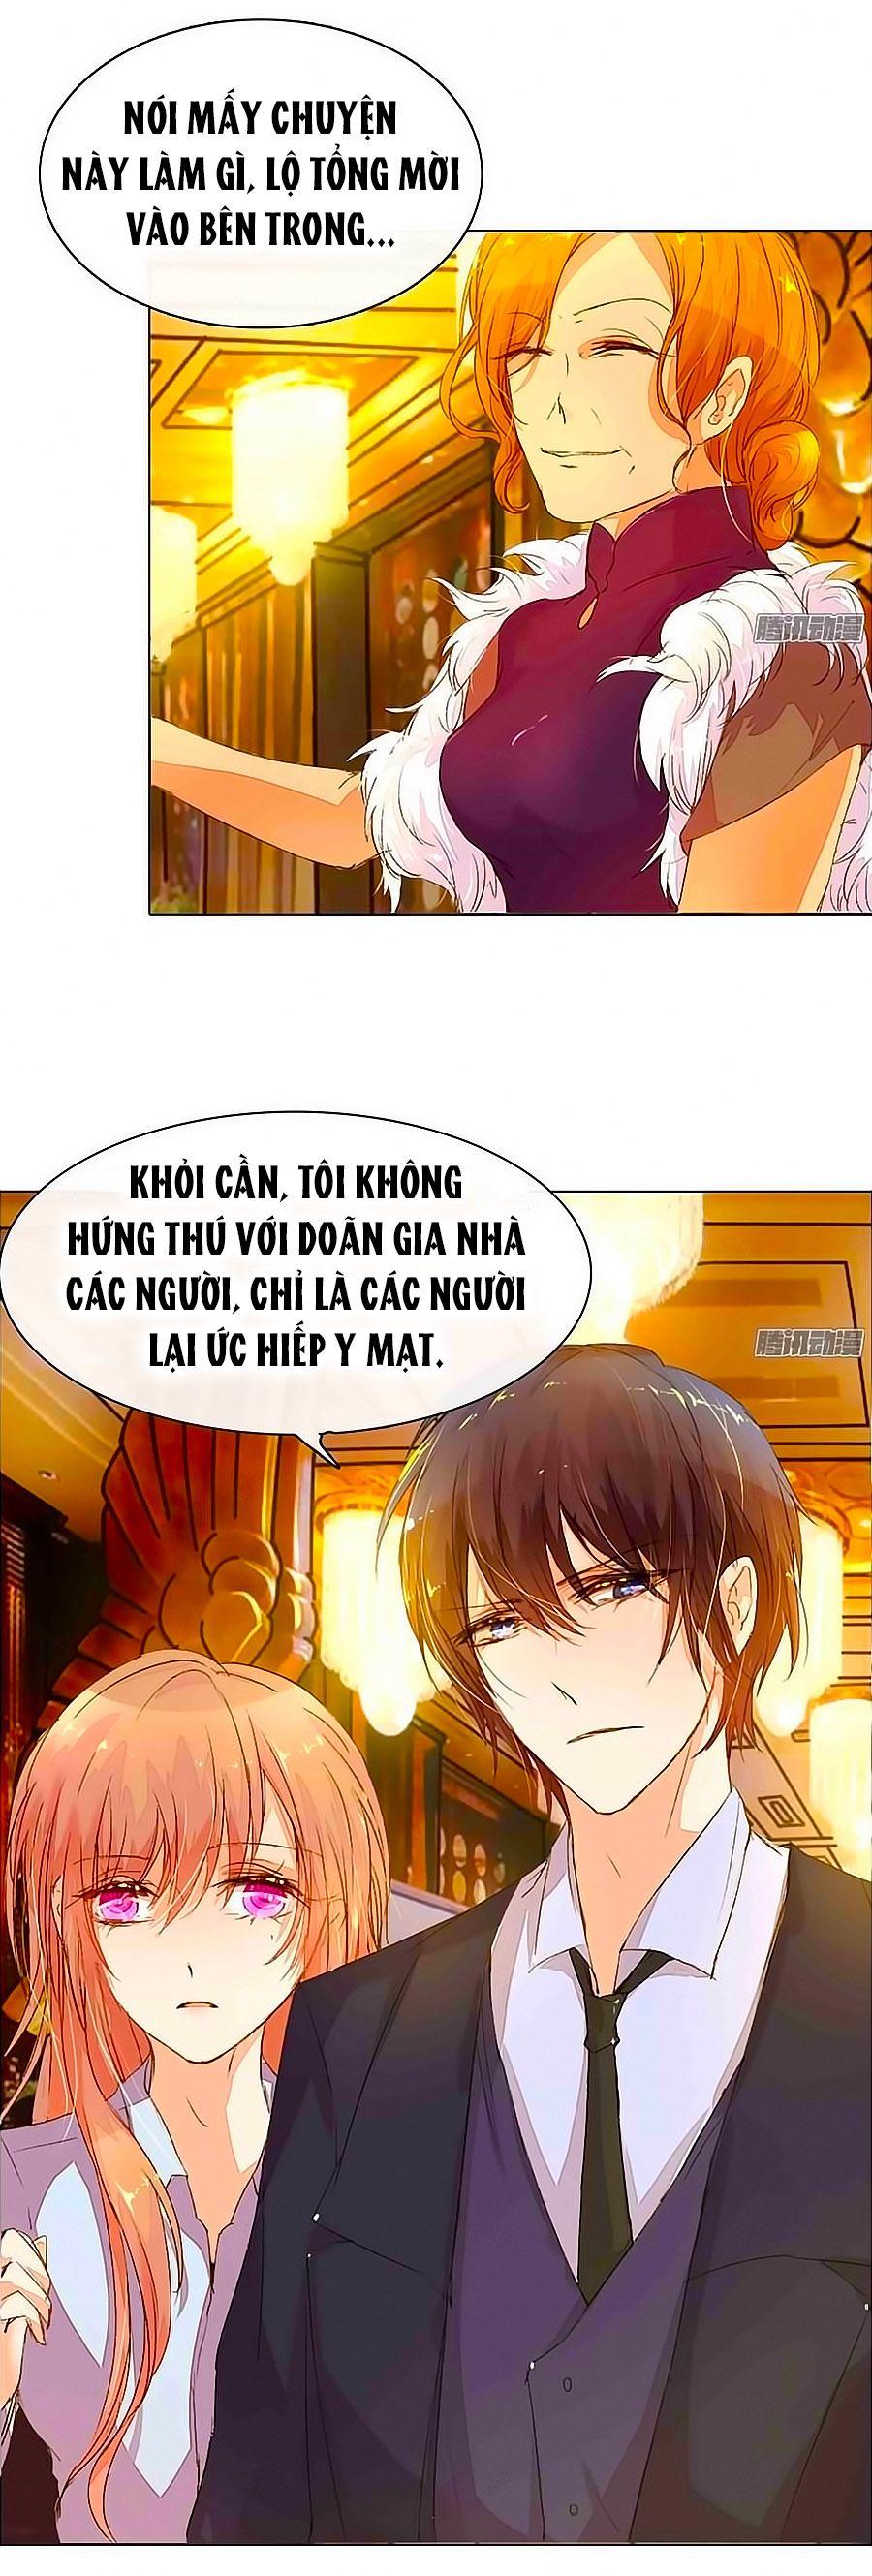 Hào Môn Tiểu Lãn Thê - Chap 11